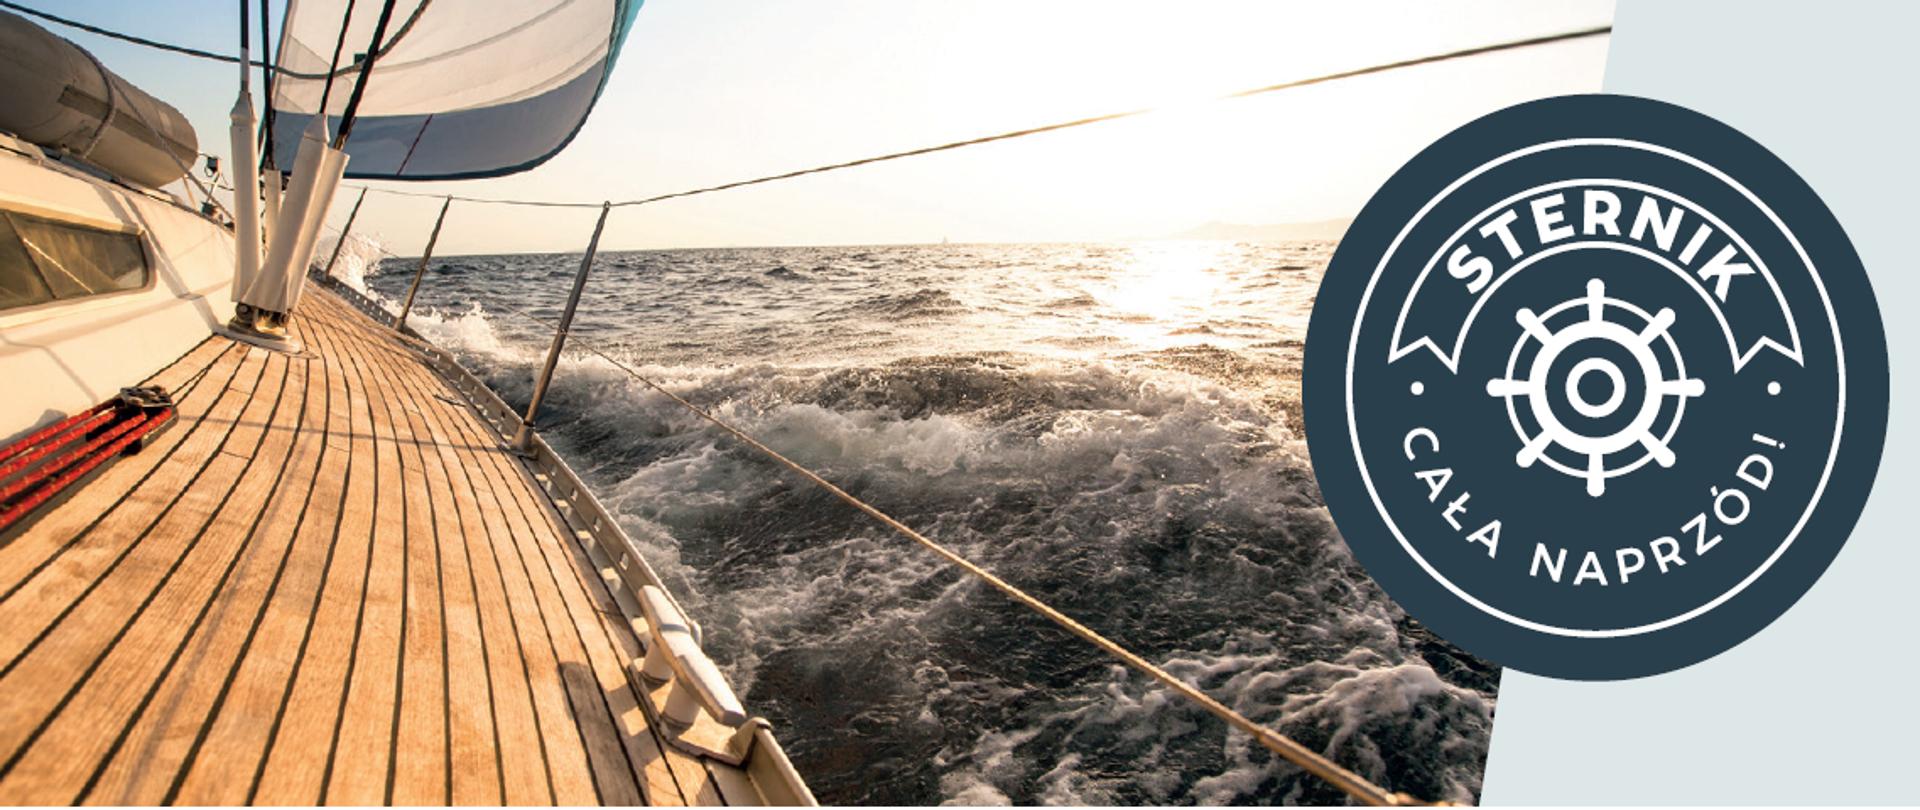 burta łódki płynąca po wodzie i napis: Jak utrzymać bezpieczny kurs?